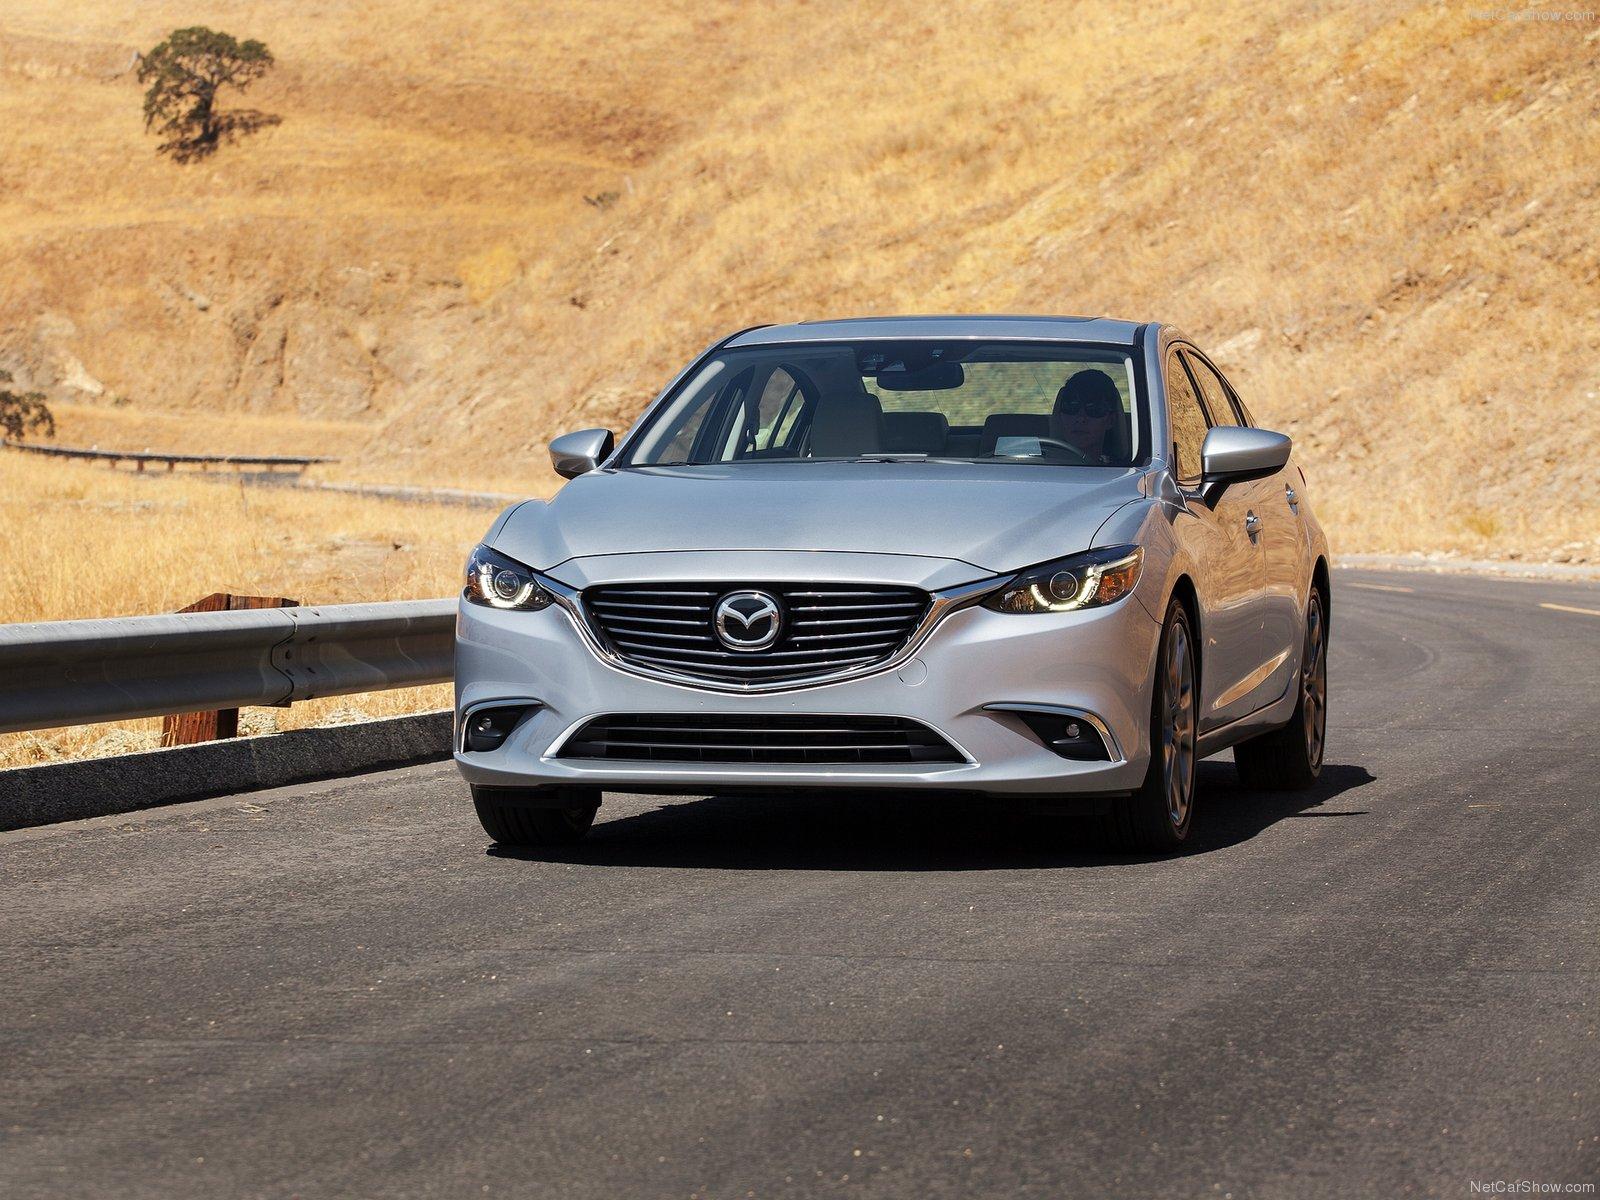 Mazda-6_2016_1600x1200_wallpaper_06.jpg